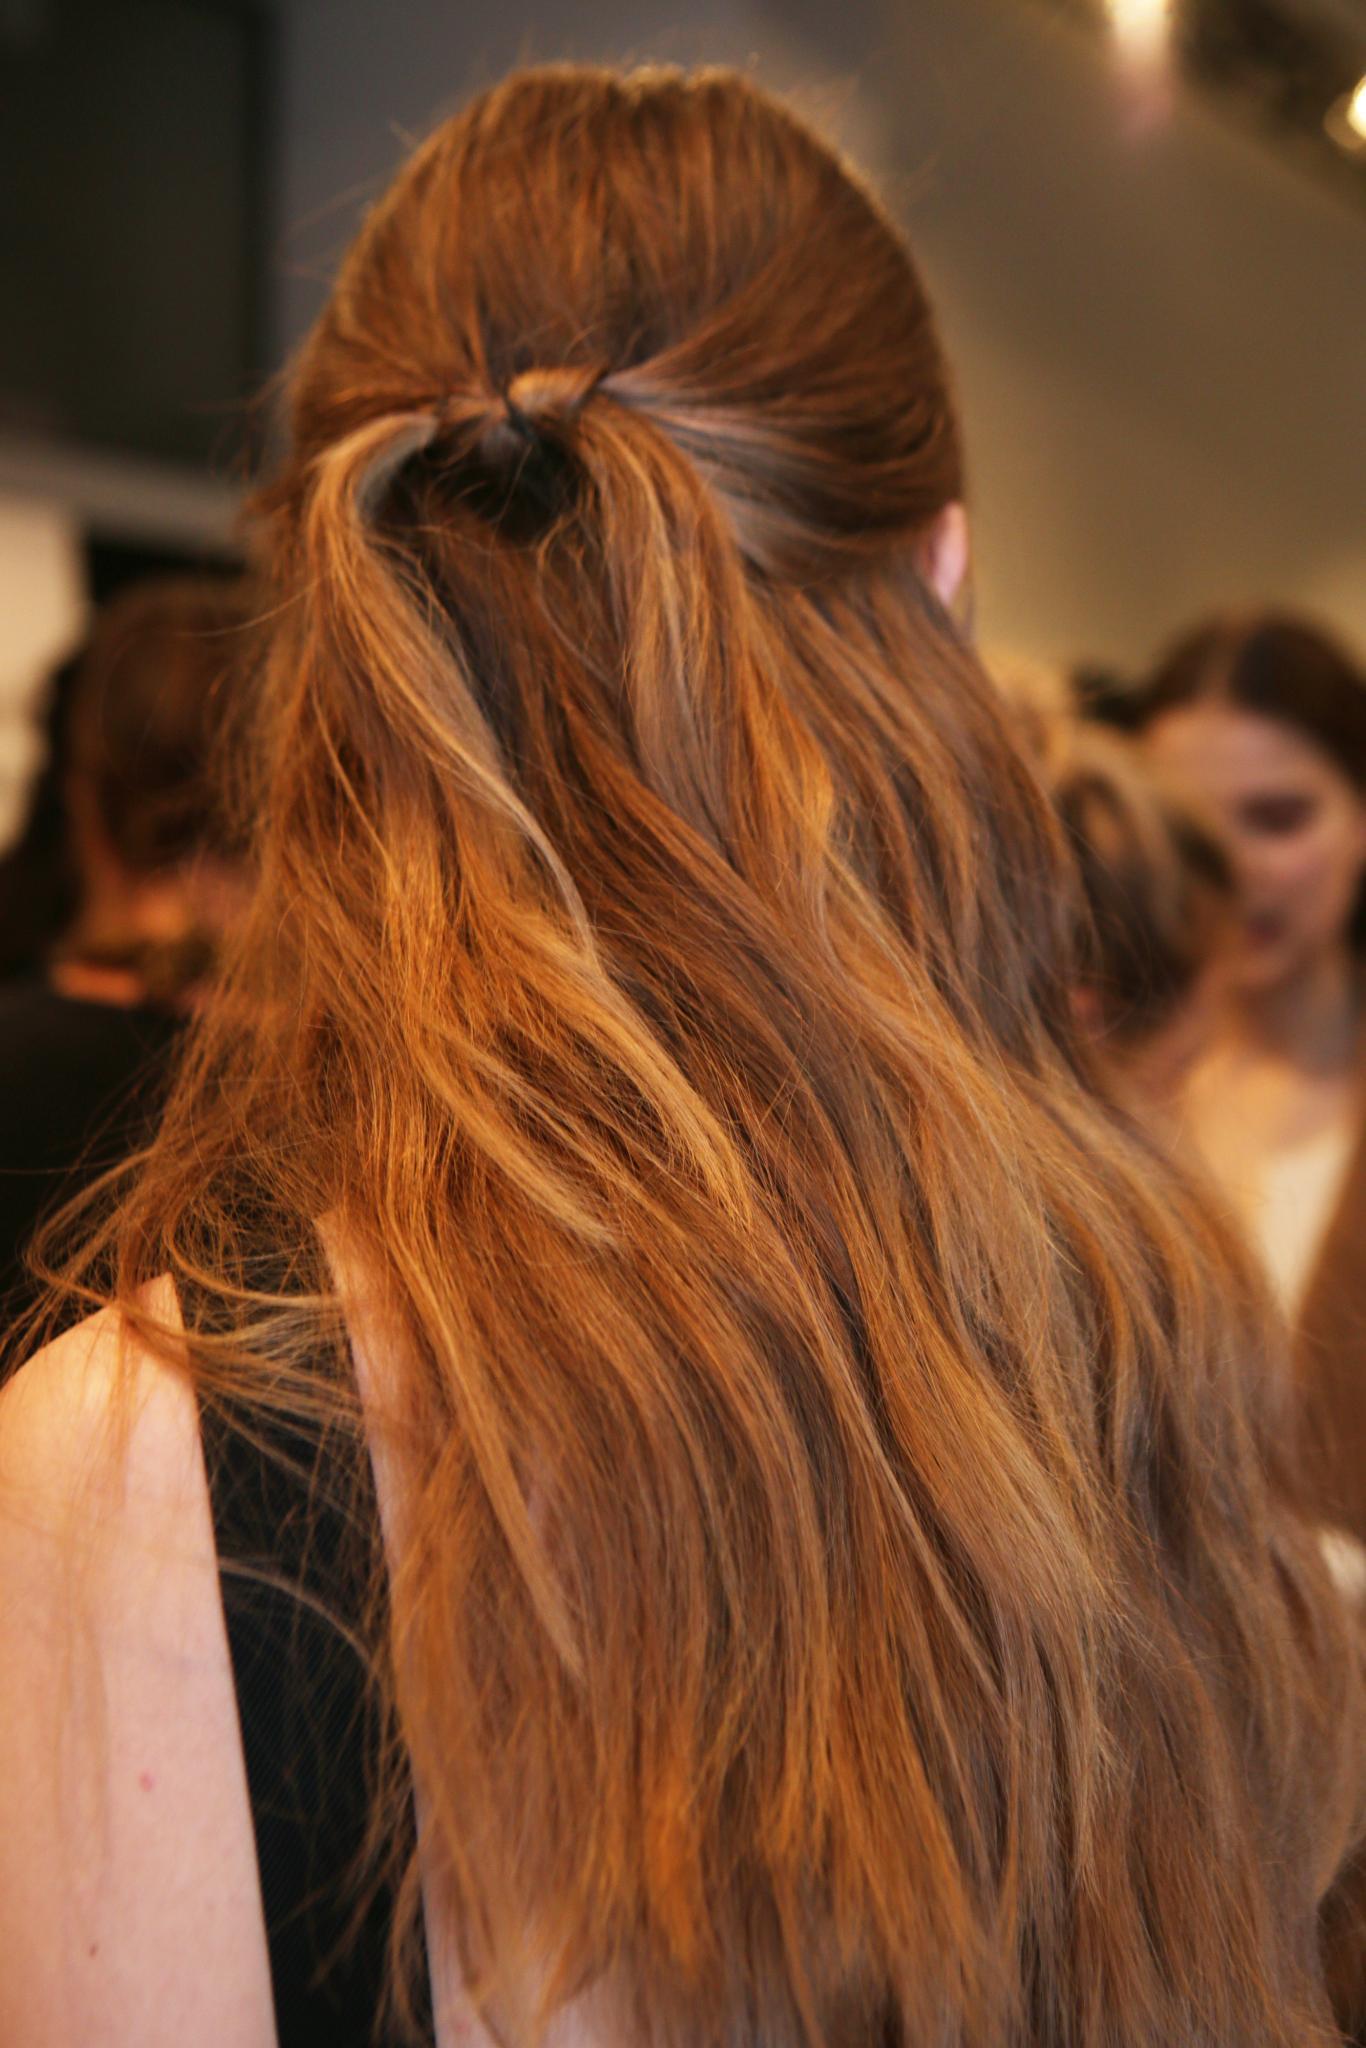 Coiffures faciles pour cheveux longs: modèle Backstage avec des cheveux longs dans une coiffure nouée mi-haut et mi-bas.